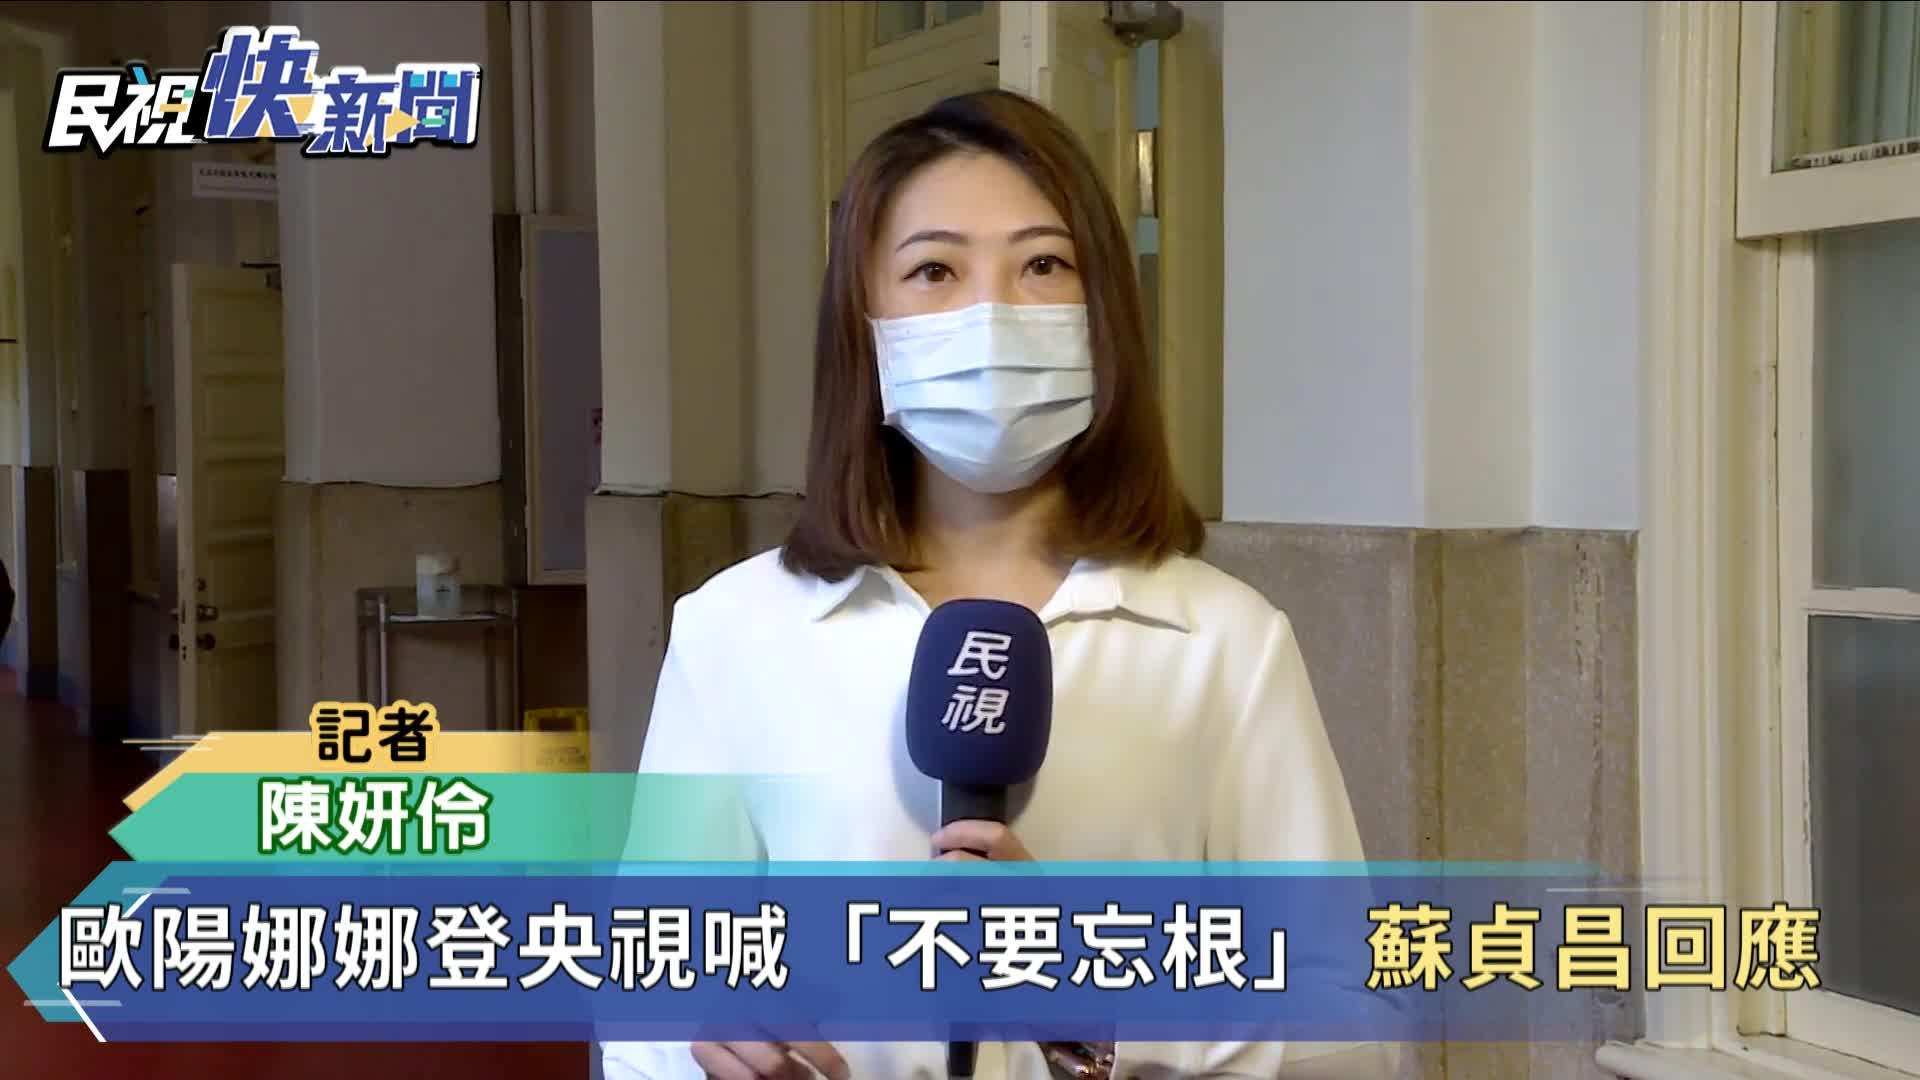 快新聞/歐陽娜娜登央視喊「不要忘根」 蘇貞昌:很多人不知道是怎樣